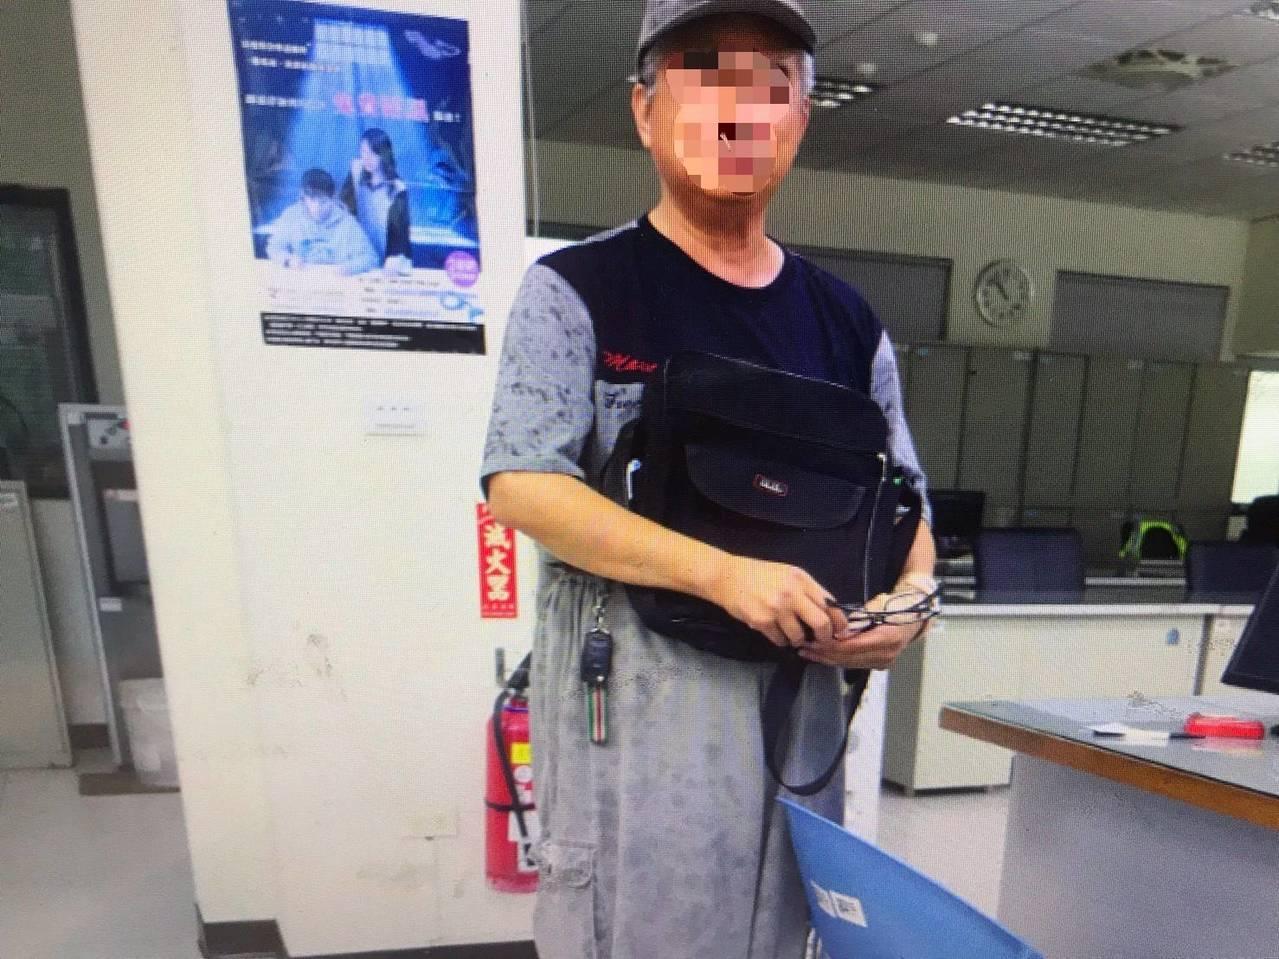 桃園市一名老婦搭計程車在後座位撿到遺失包包,趕緊送到派出所,沒想到警方調監視器追...